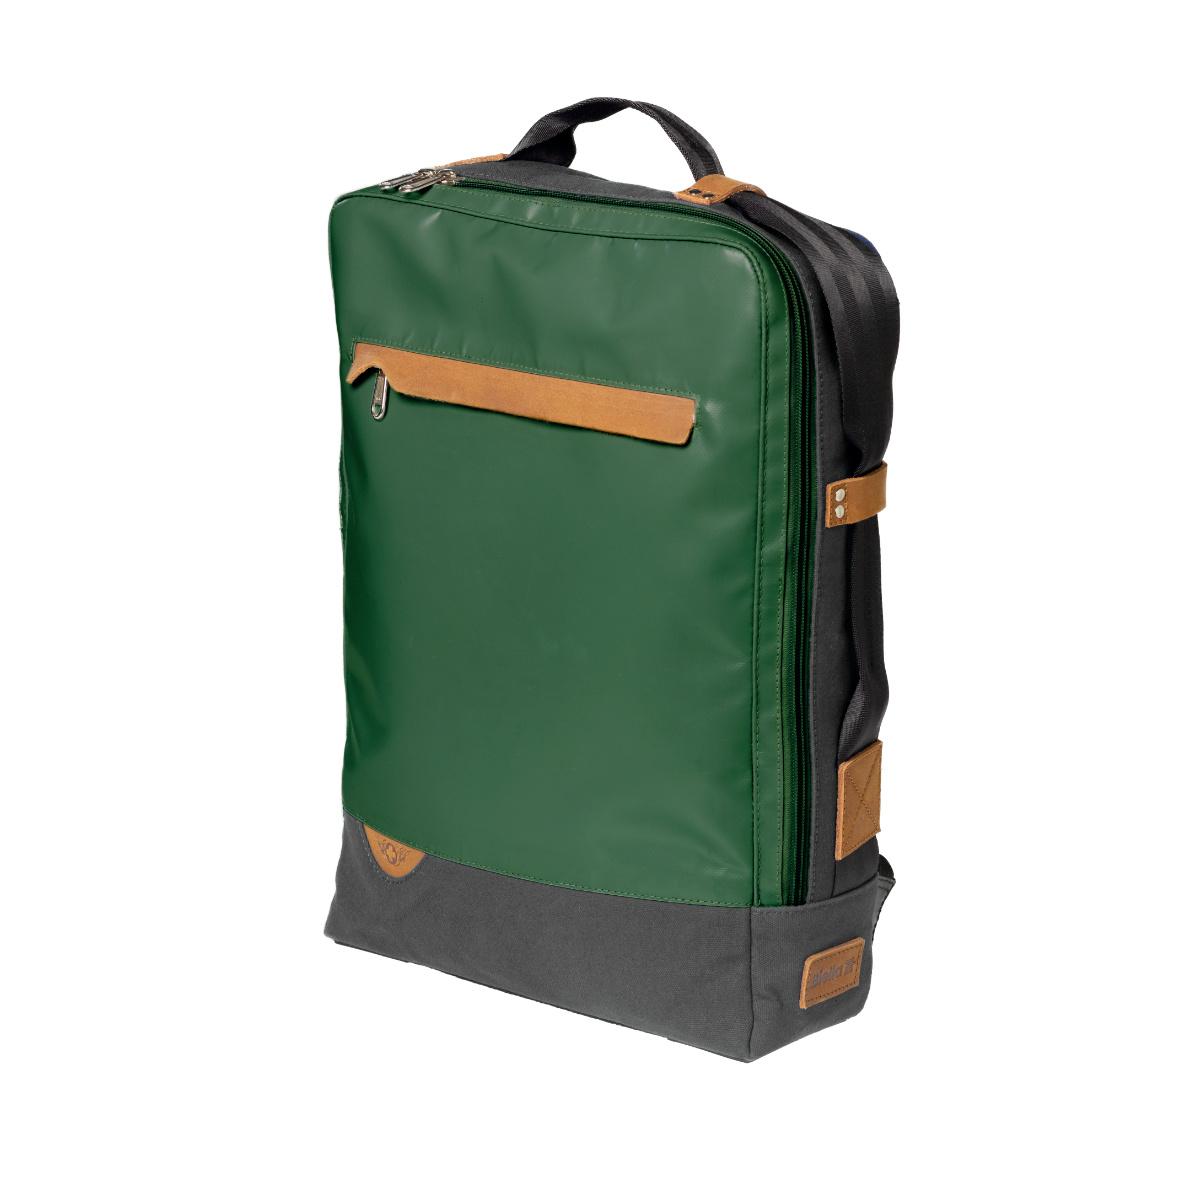 Rucksack der Collection Bundesordner von Biella, grün